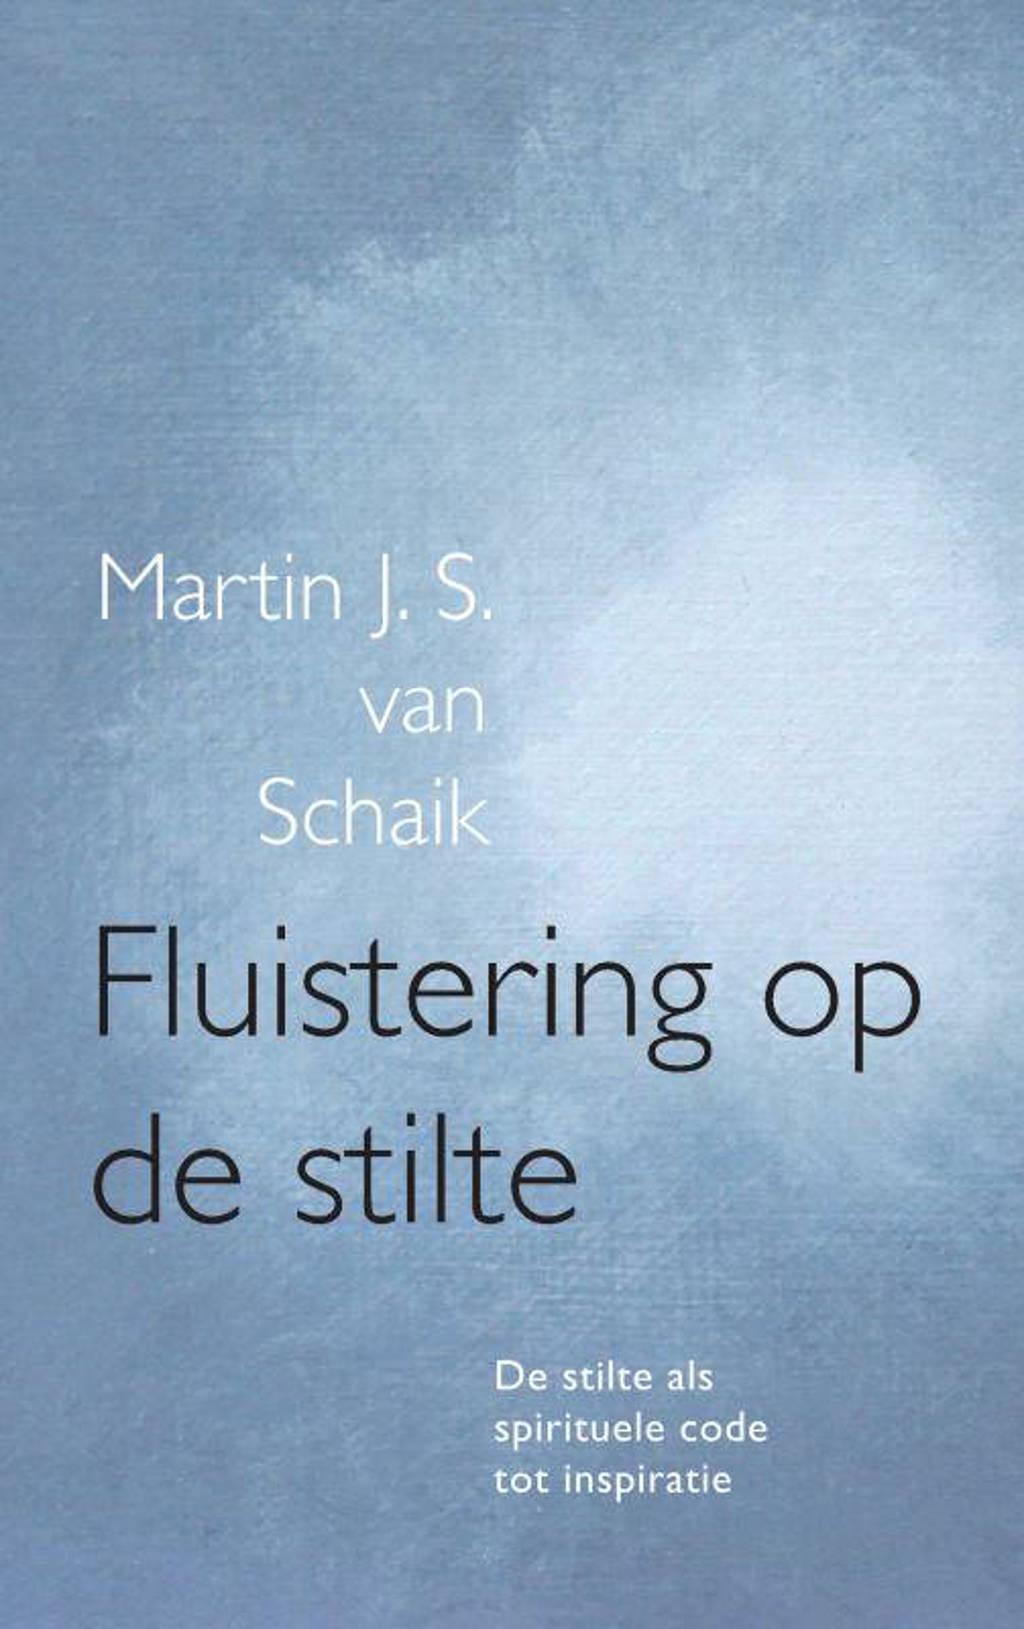 Fluistering op de stilte - Martin J. S. van Schaik